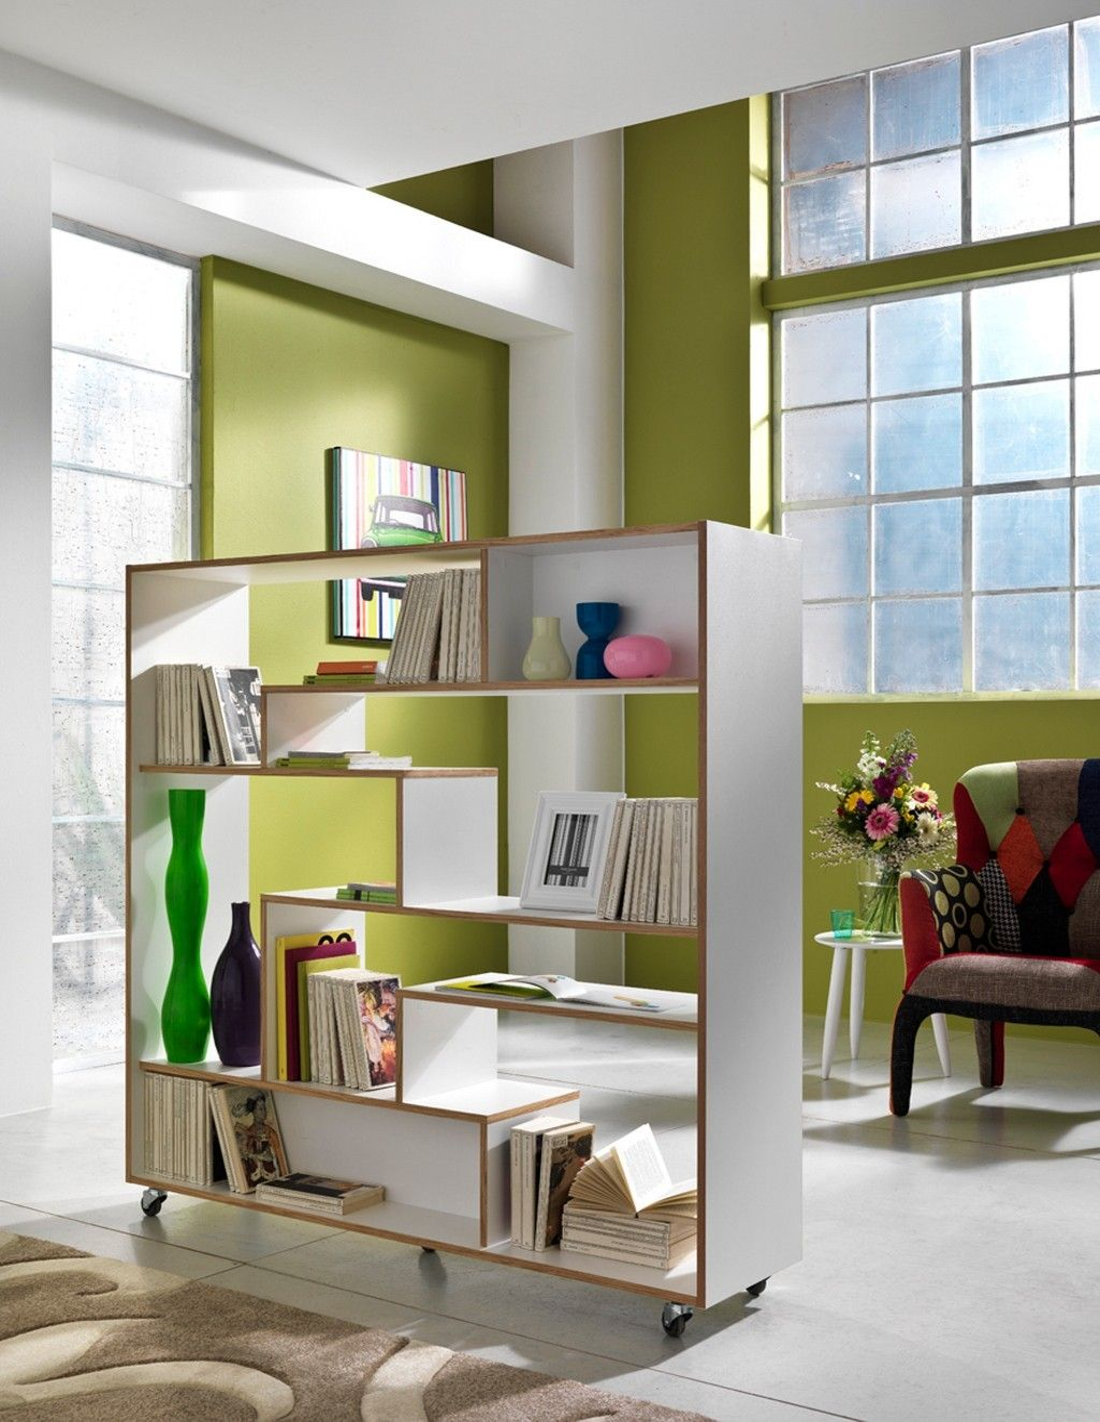 Libreria con ruote moving in legno bianco opaco 145 x 160 cm for Librerie in legno moderne